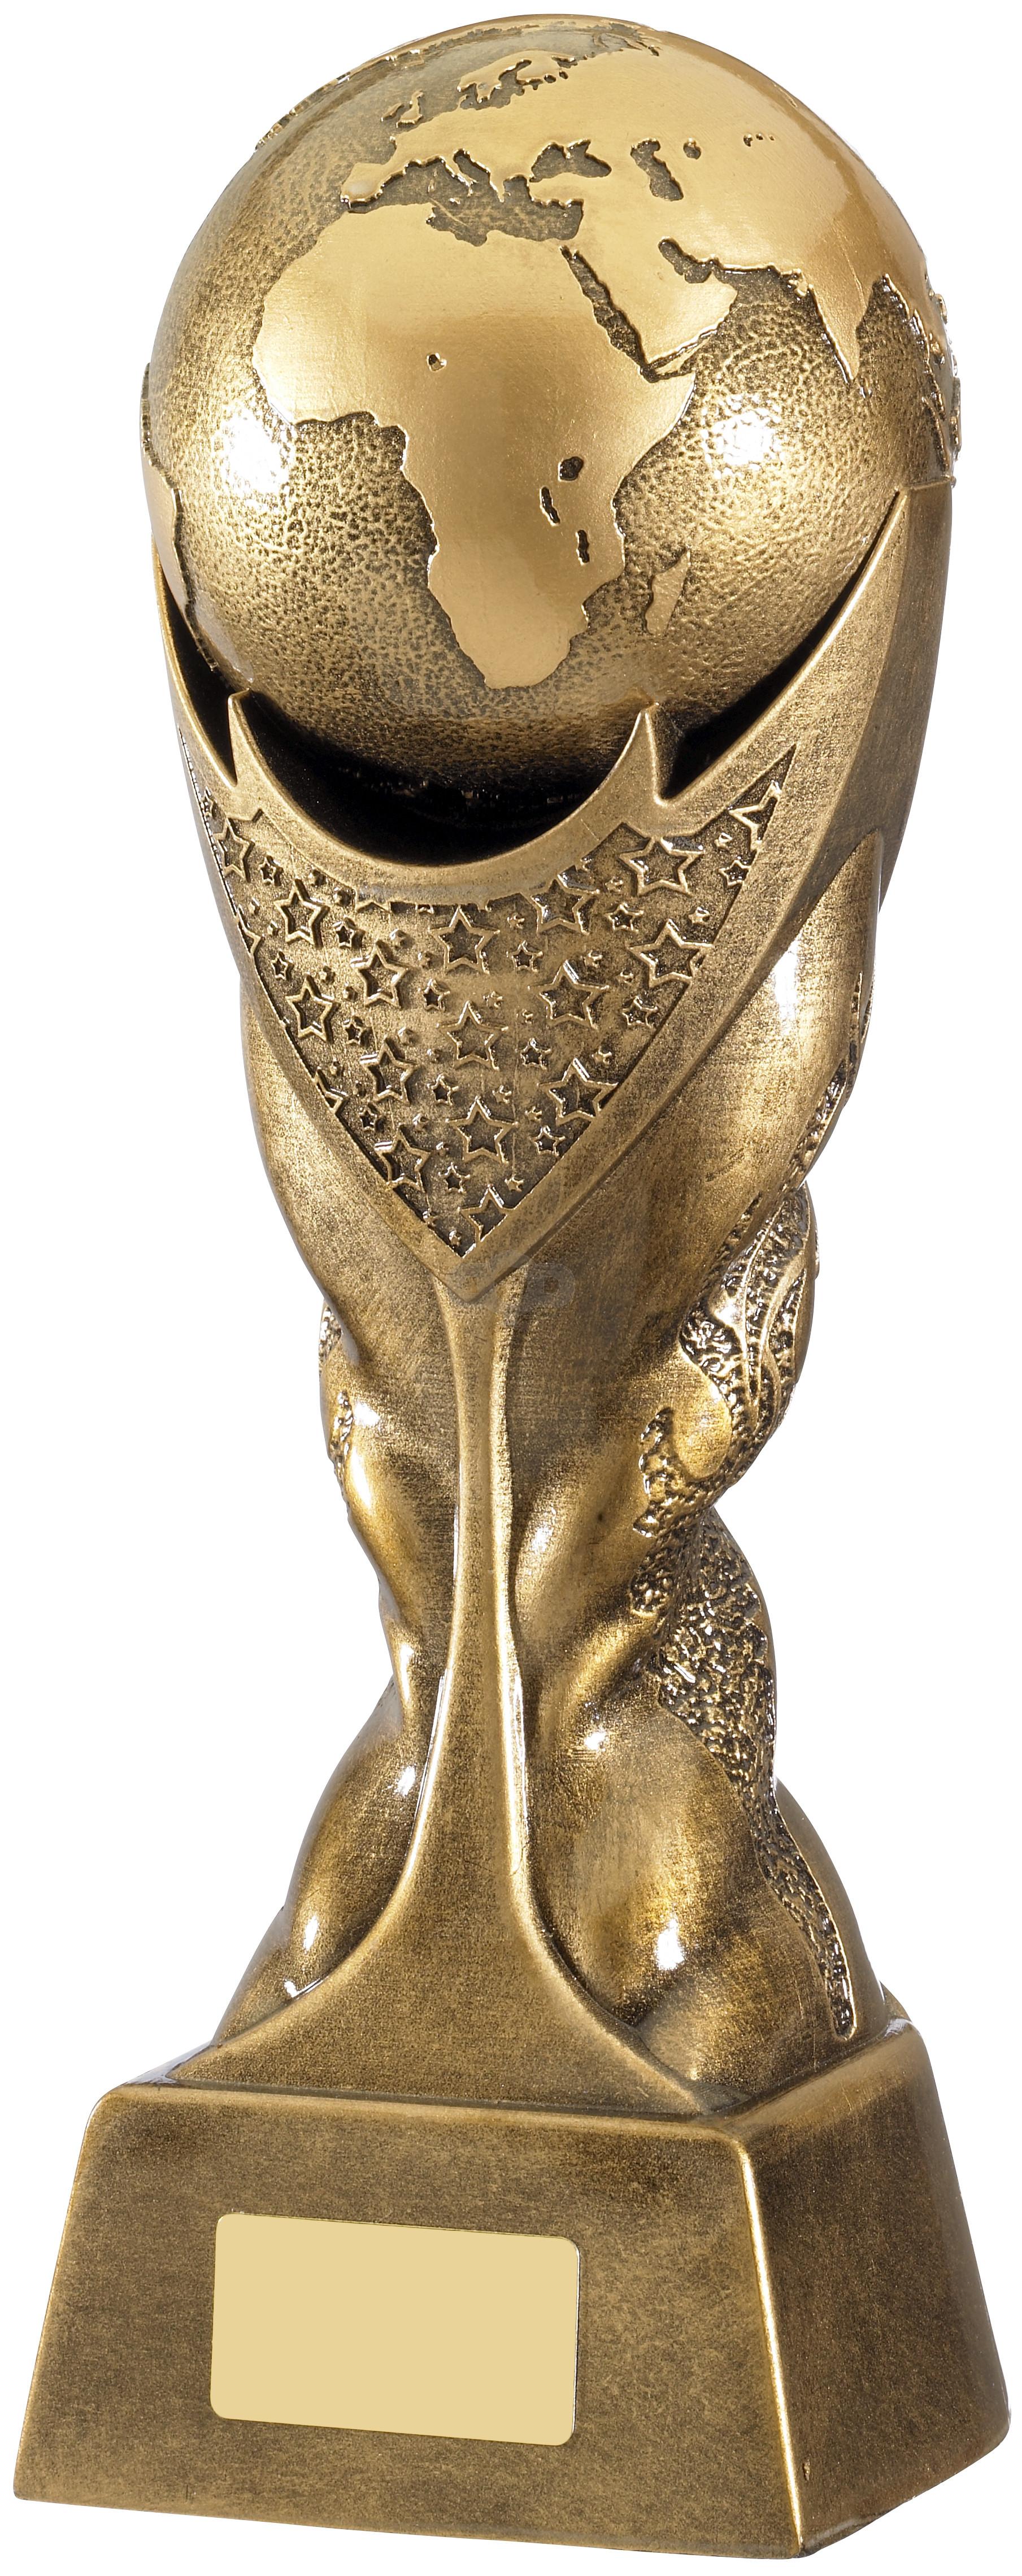 The Globe Award